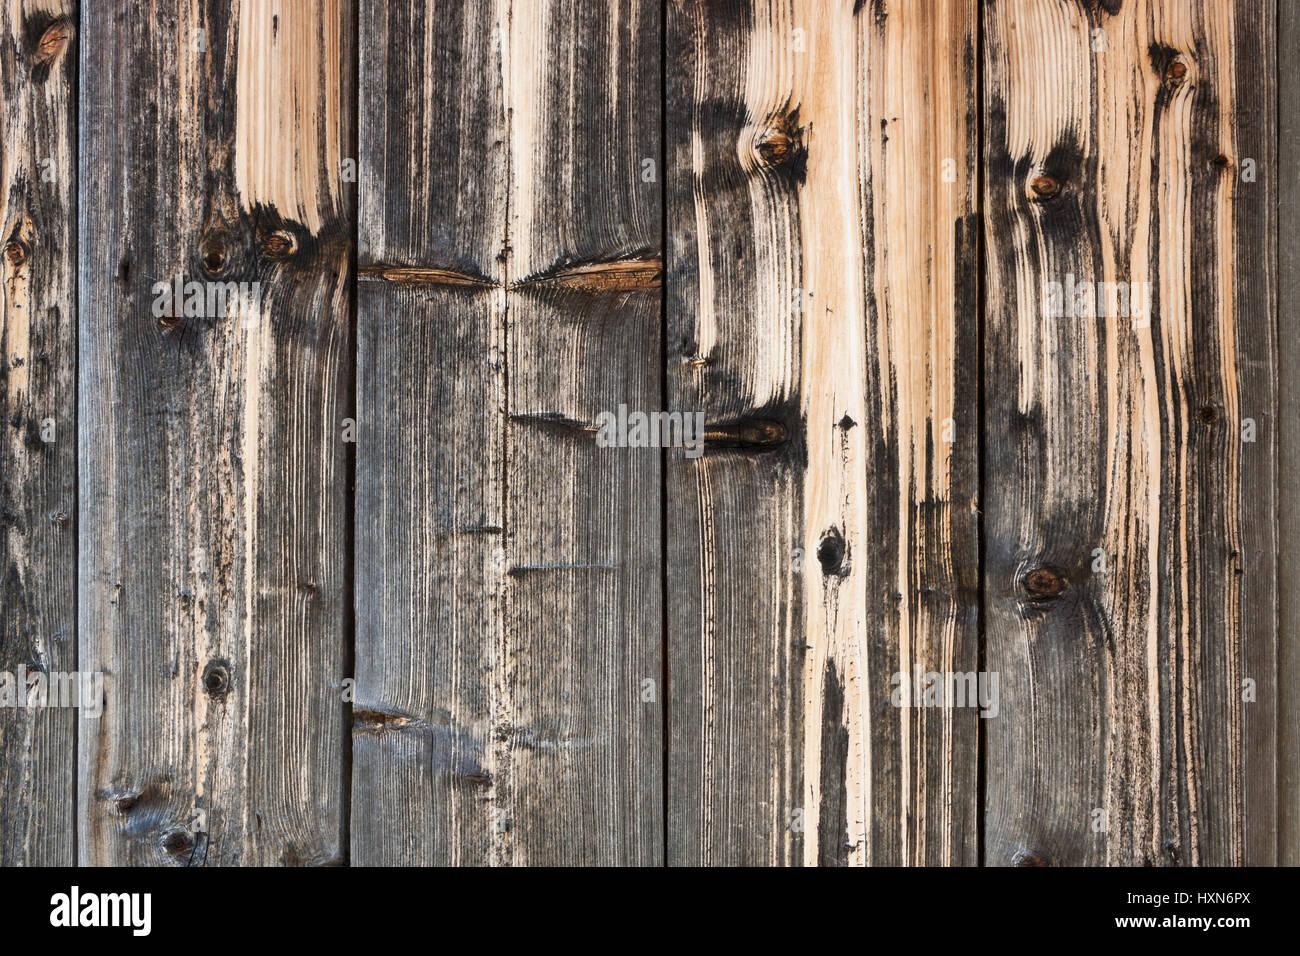 Fond bois. Close-up vieux temps magnifiquement décolorée par les précipitations naturelles et des Photo Stock